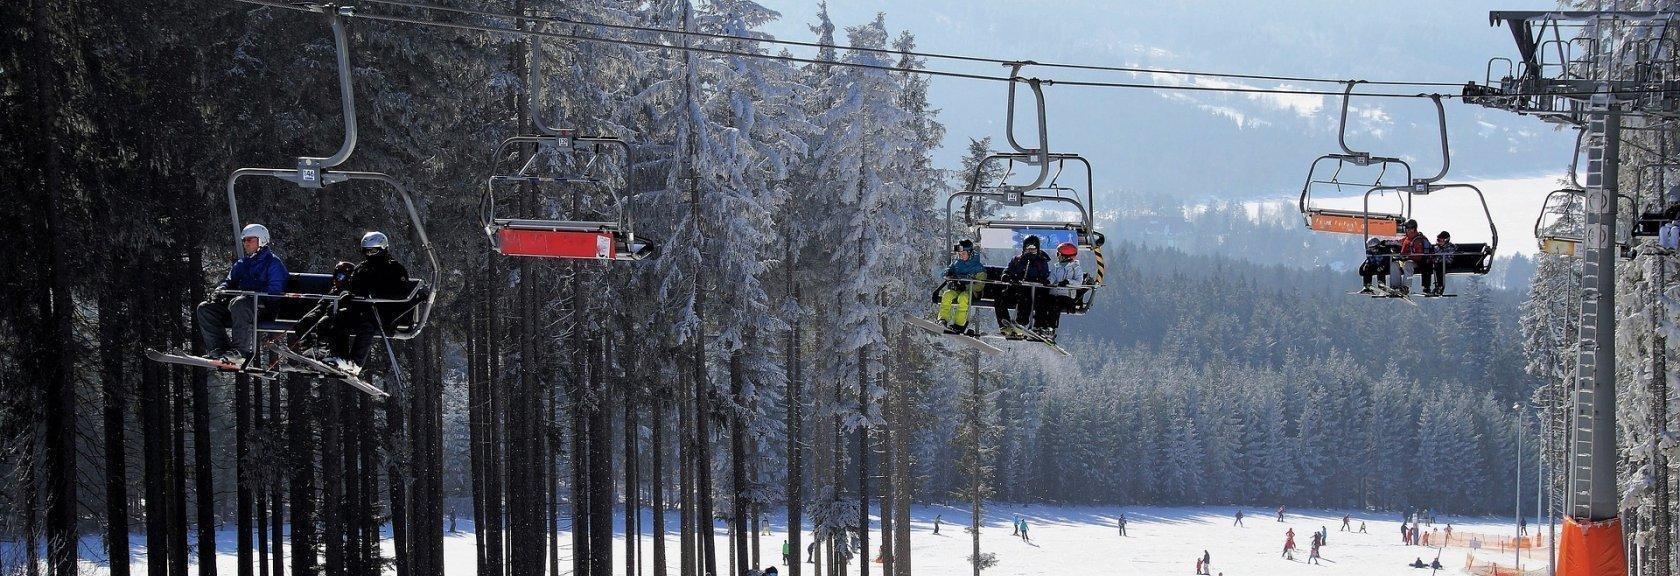 Narty kontra snowboard – jak Ty rozstrzygniesz ten pojedynek?